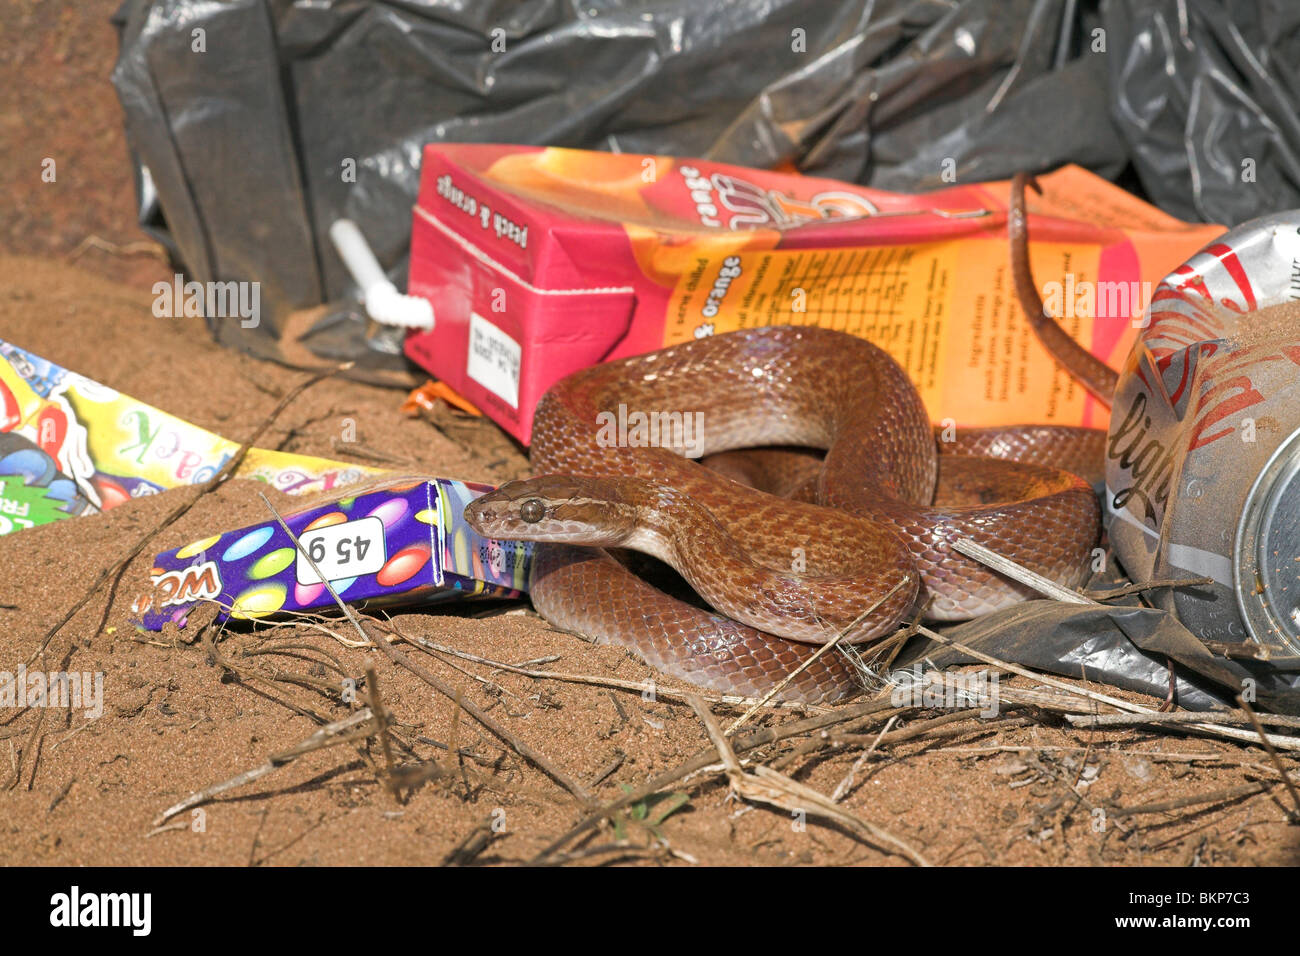 Photo d'une maison colorée marron serpent entre les ordures, brown house serpents vivent souvent autour Photo Stock